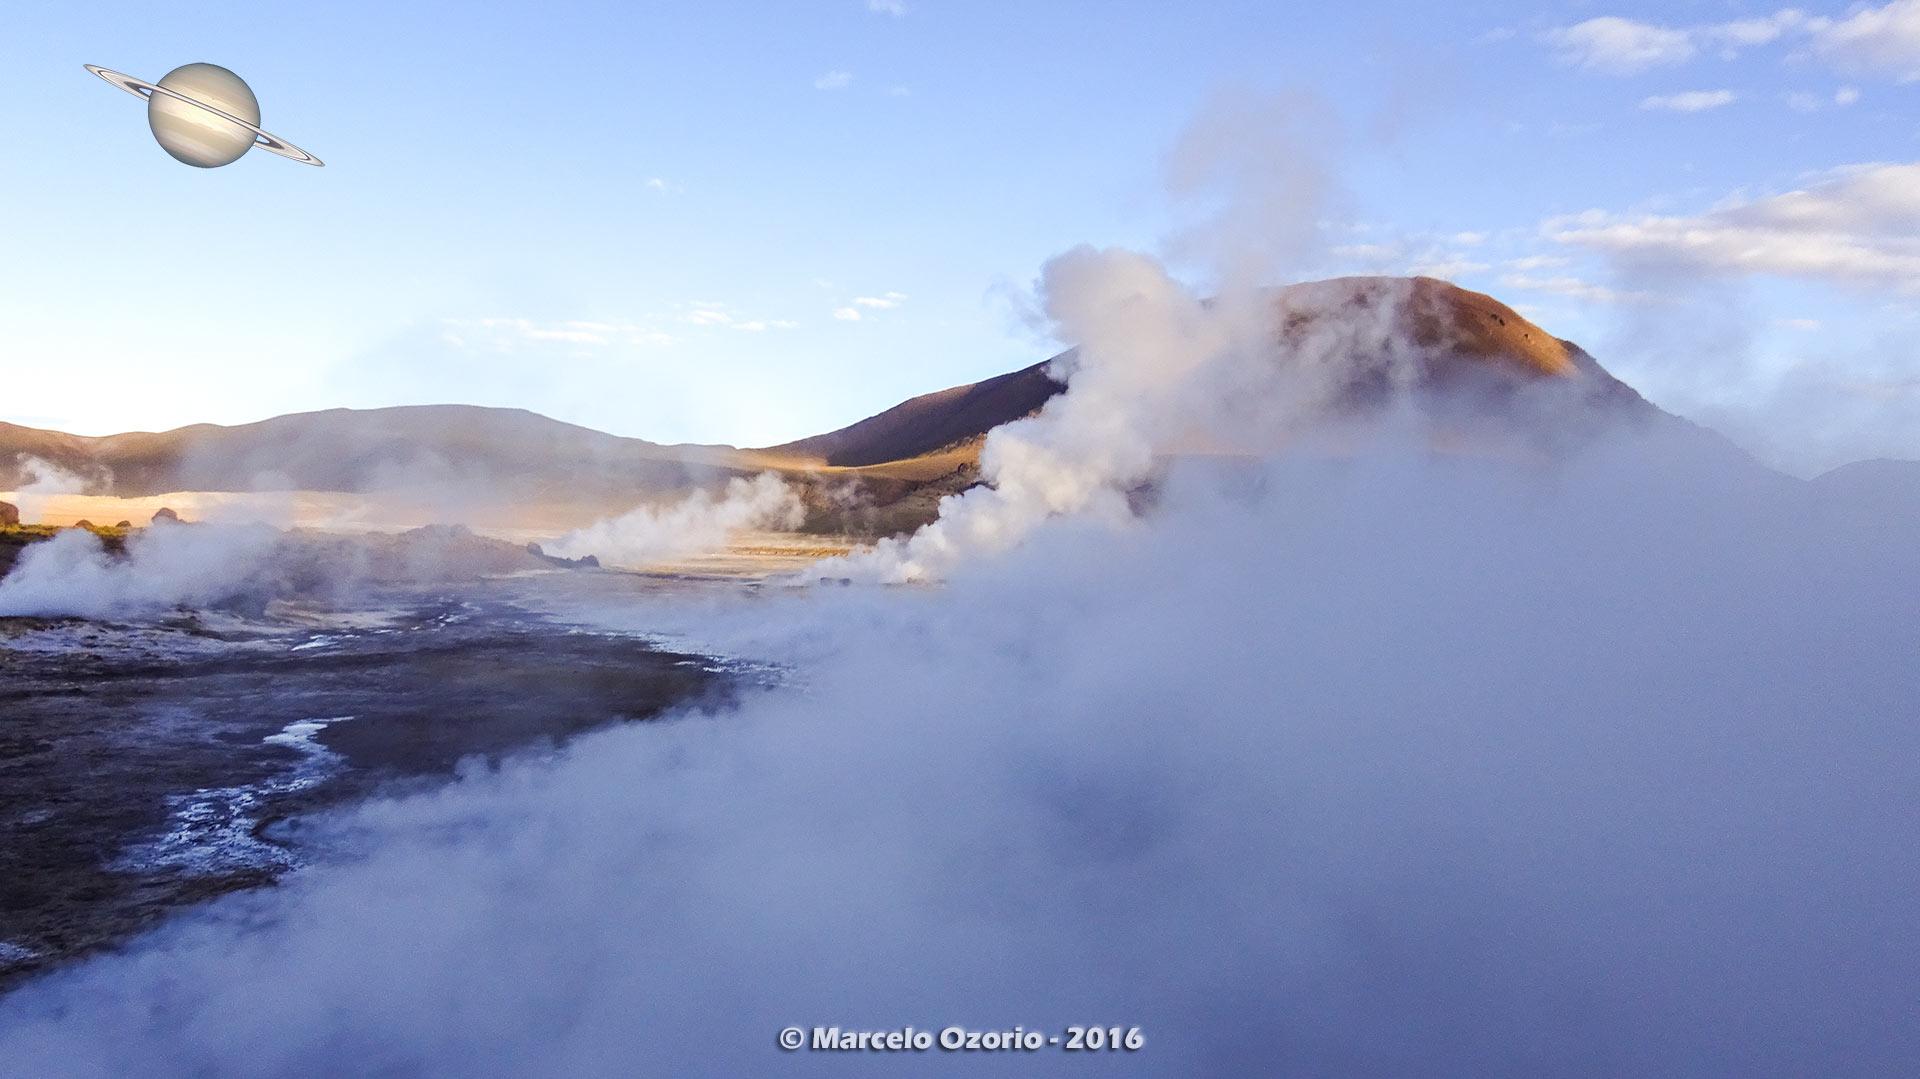 el tatio geysers atacama desert 12 - The Surreal El Tatio Geysers - Atacama Desert - Chile